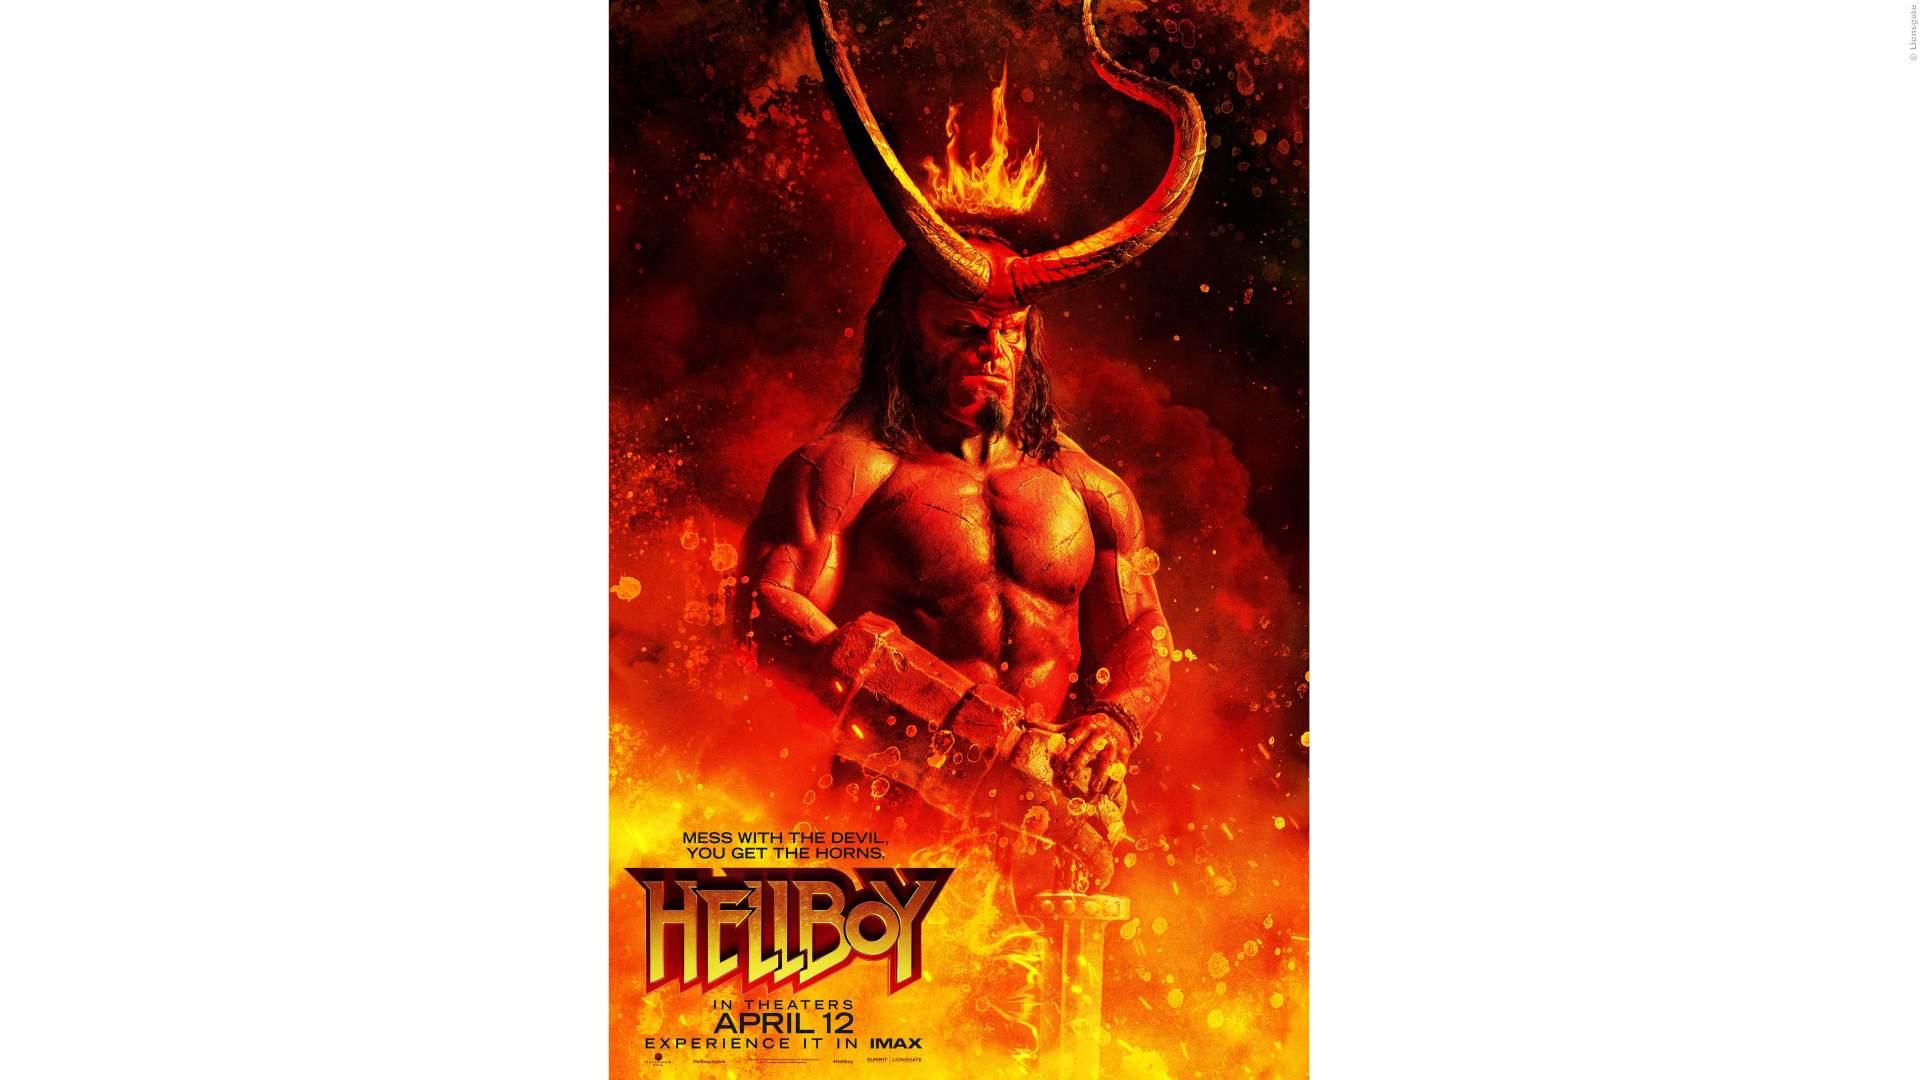 Hellboy 3: Neue Bilder zum Film 2019 - Bild 1 von 2